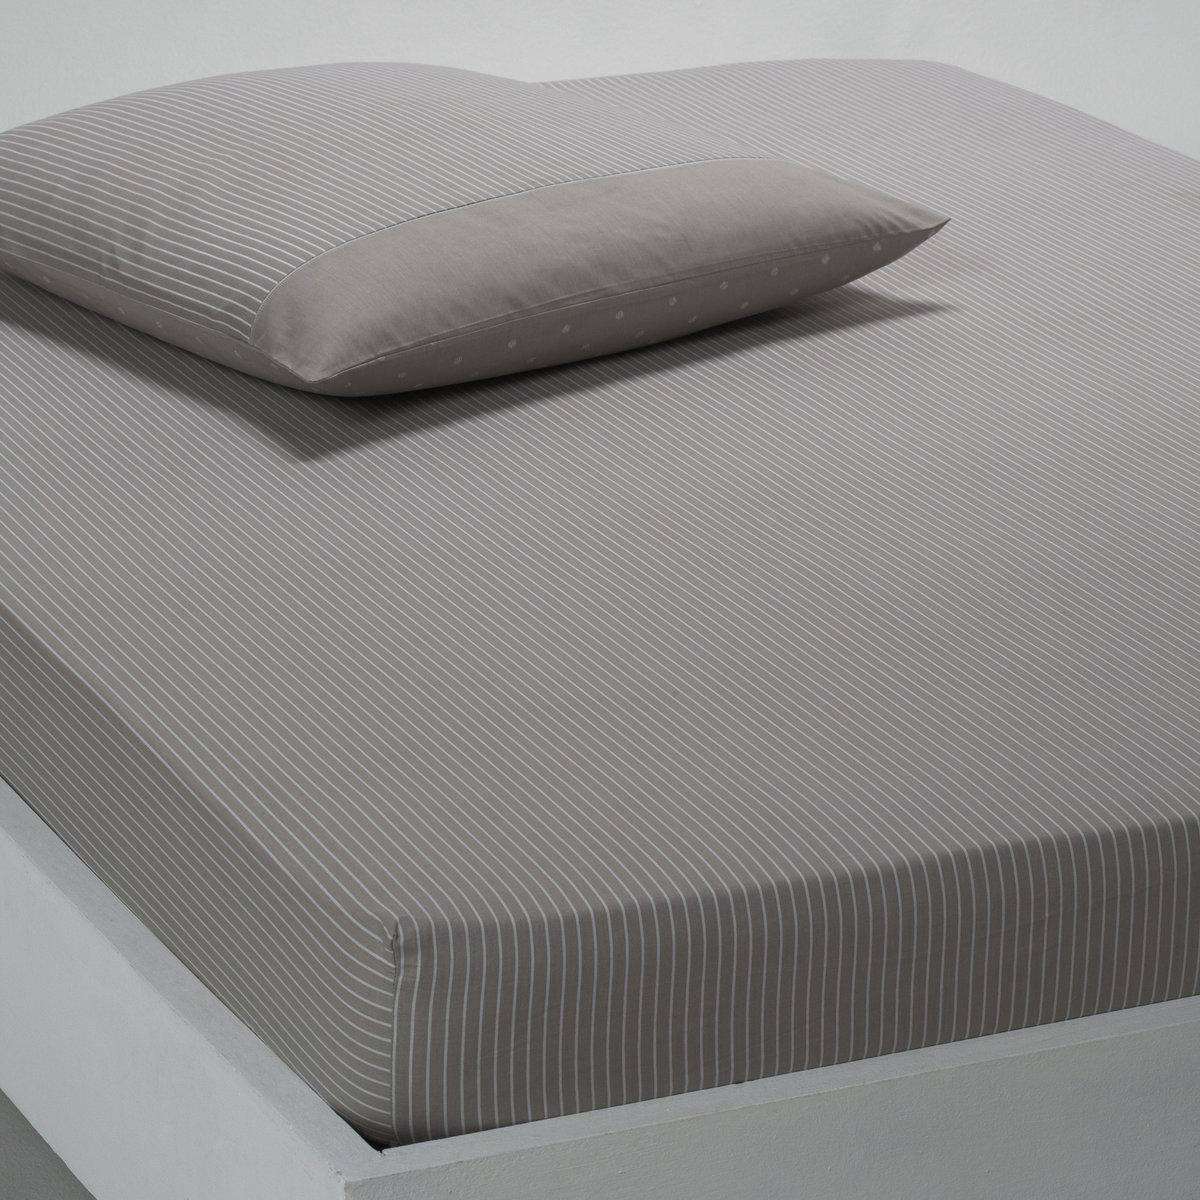 Натяжная простыня CassopiaАккуратные полоски придают интерьеру изысканность и утончённость. 100% хлопка, плотное переплетение нитей (57 нитей/см?). Обработка ткани soft finish делает её мягкой и приятной на ощупь. Стирка при 60°.   Размеры натяжной простыни:90 x 190 см: 1-сп. 140 x 190 см: 2-сп. 160 x 200 см: 2-сп.<br><br>Цвет: бежевый